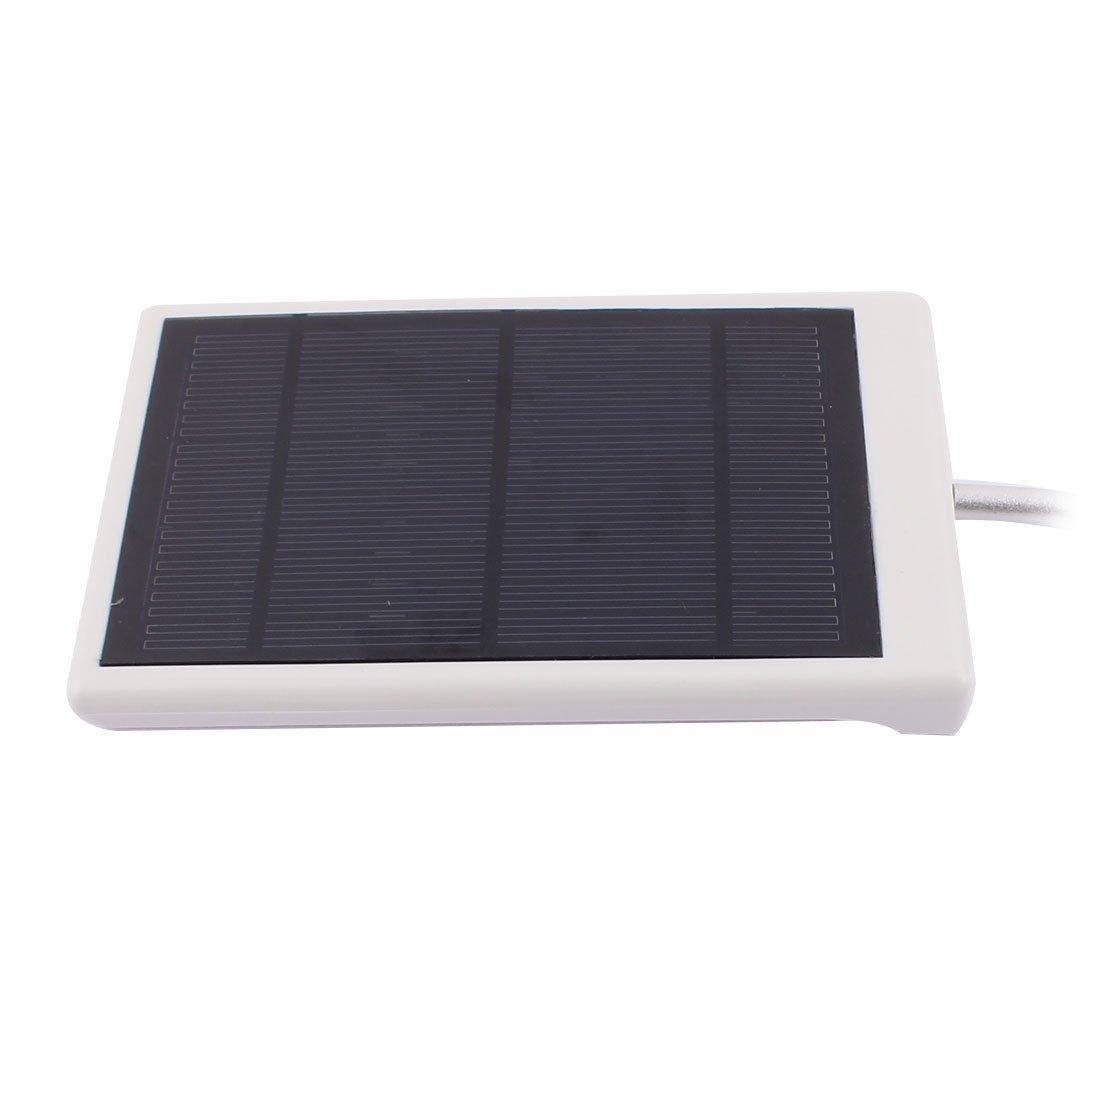 eDealMax al aire libre 15 LED luces solares de movimiento sin hilos del sensor del jardín Patio de la lámpara a prueba de agua - - Amazon.com